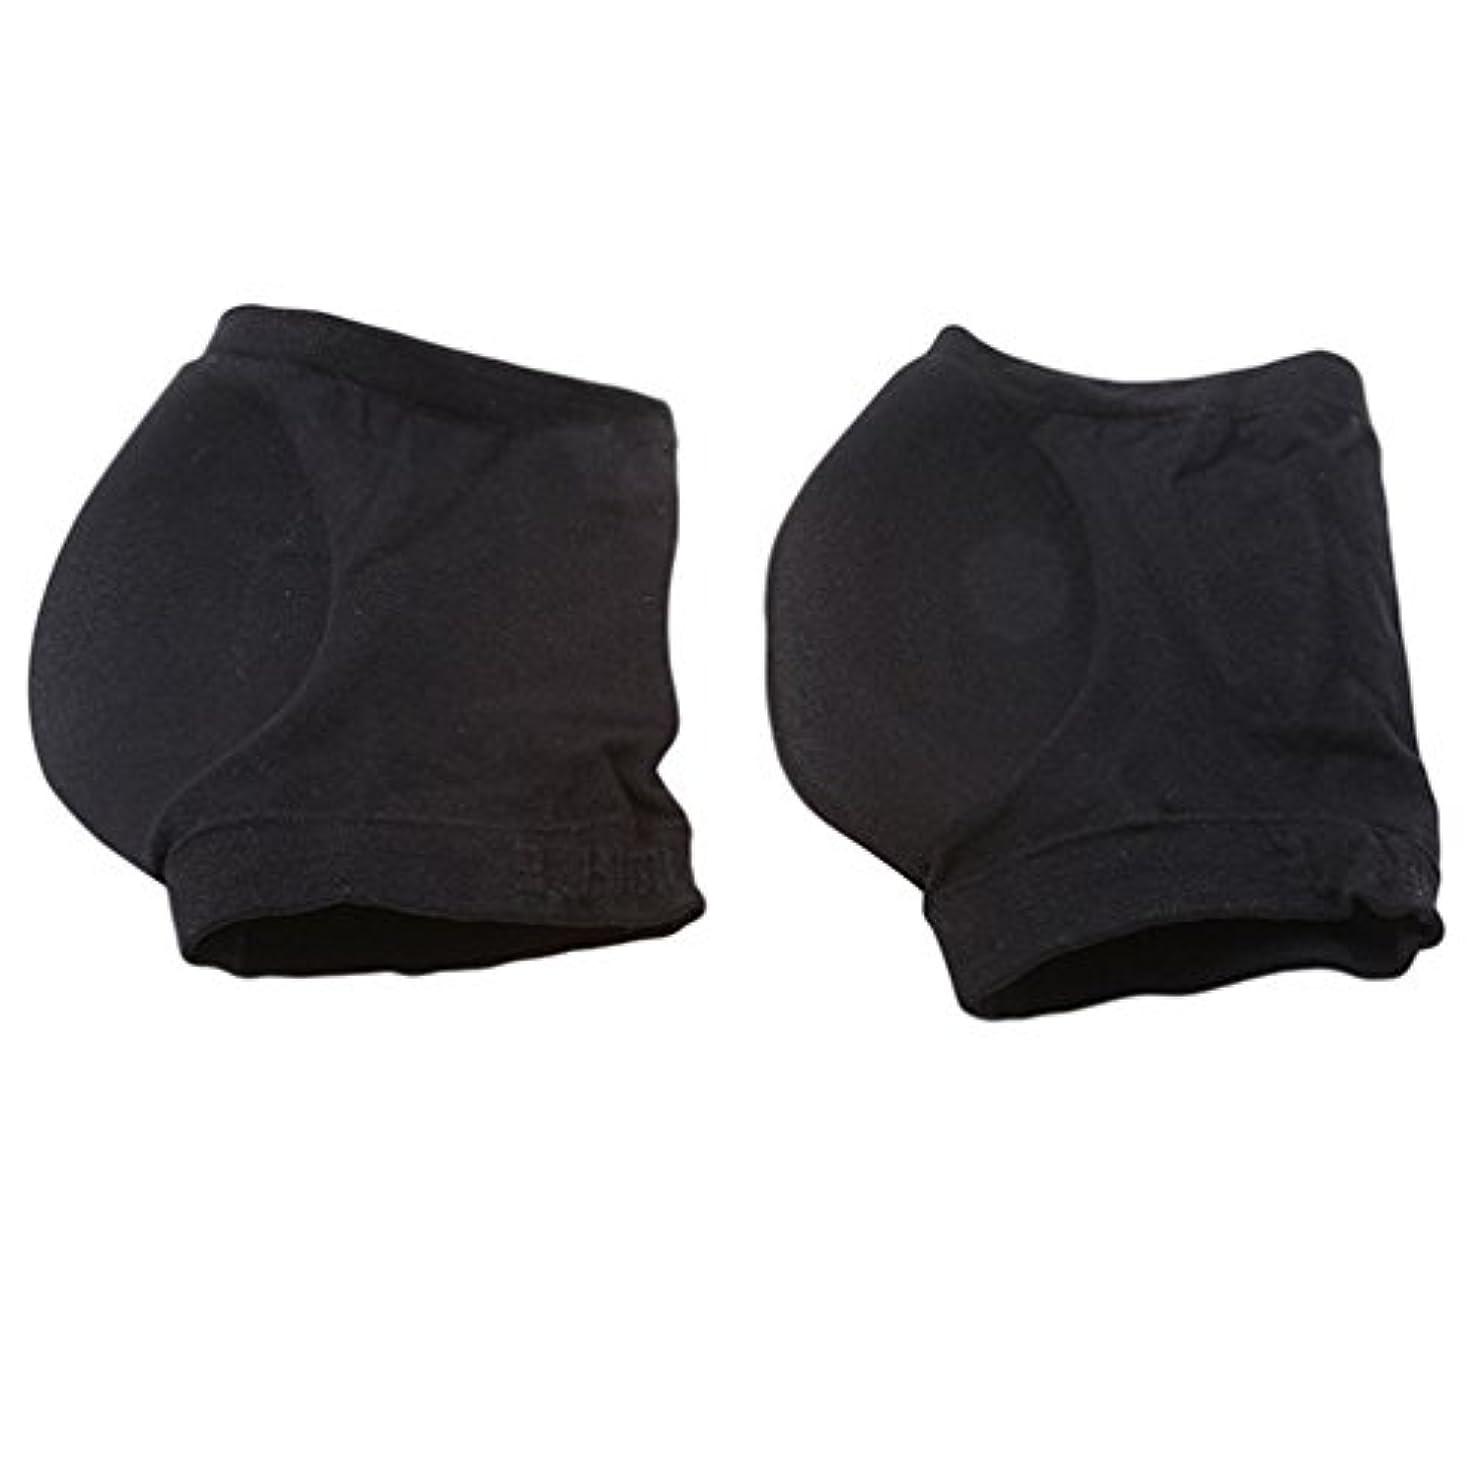 検索エンジン最適化ロイヤリティビヨンHKUN 靴下 ソックス かかとケア 角質ケア 保湿 角質除去 足首用 洗える メンズ レディース S-L